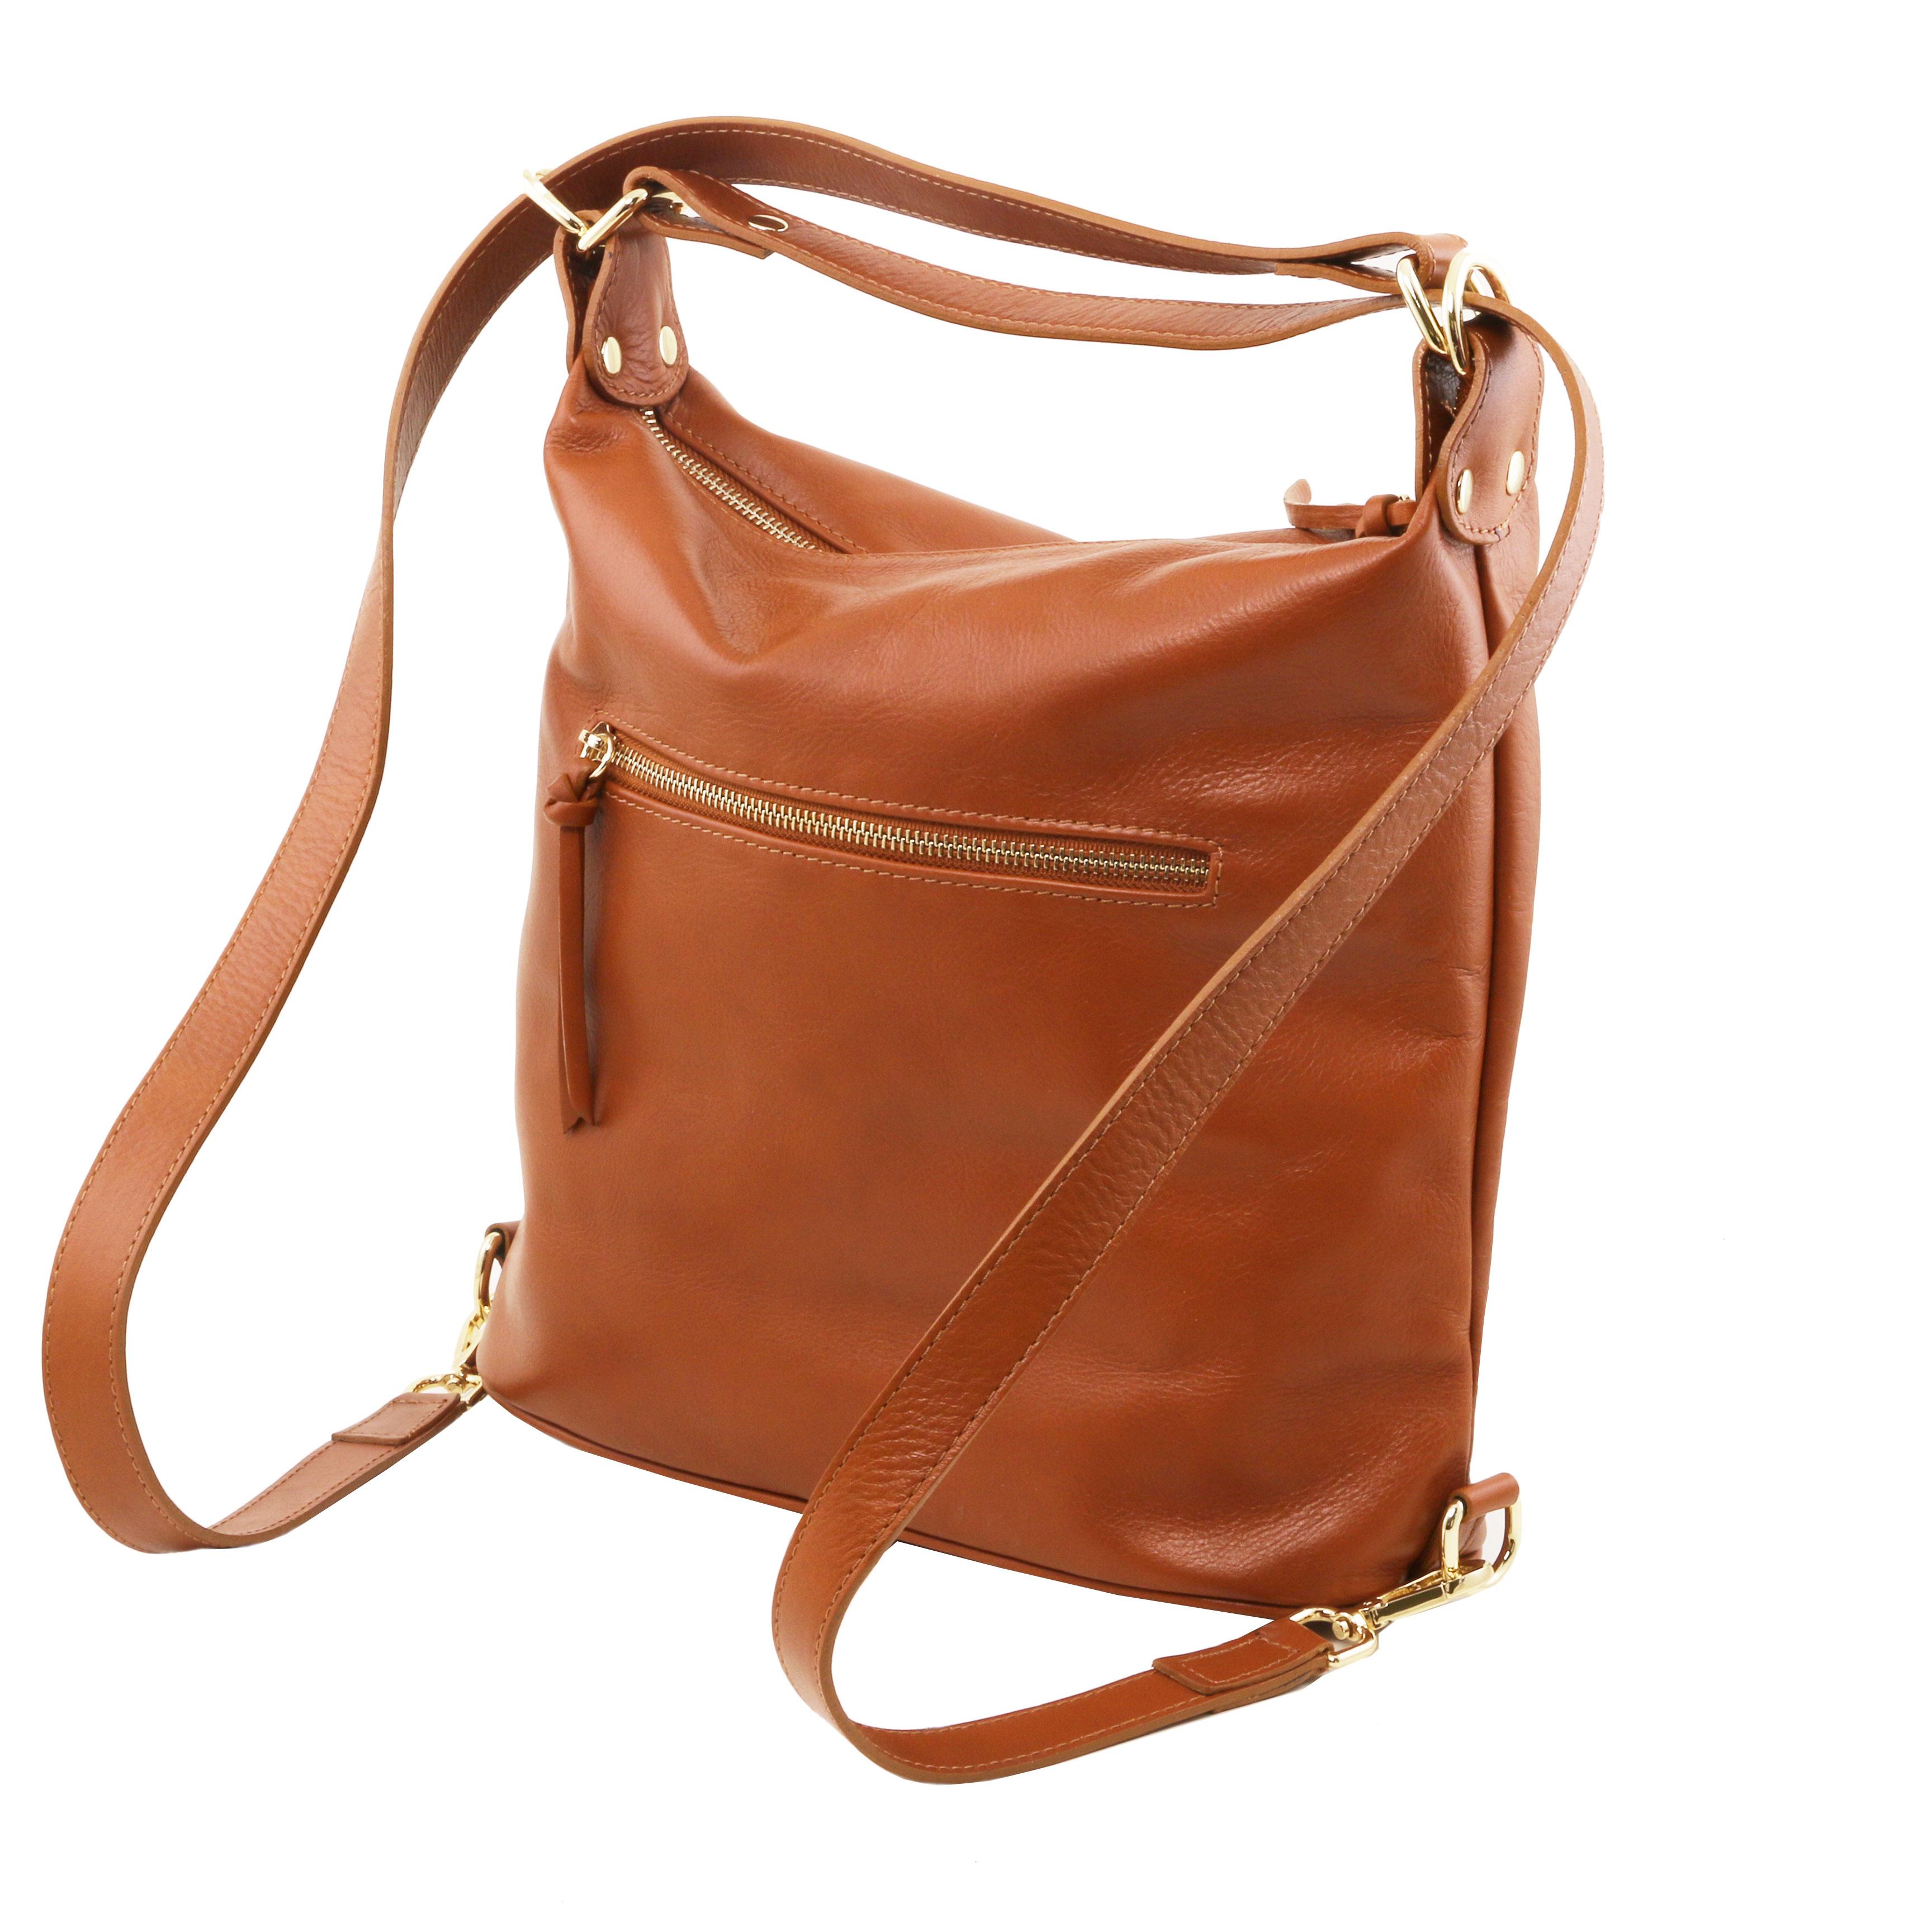 faf3781bf40e ... olasz táska bőrtáska bőr táska válltáska hátitáska ...